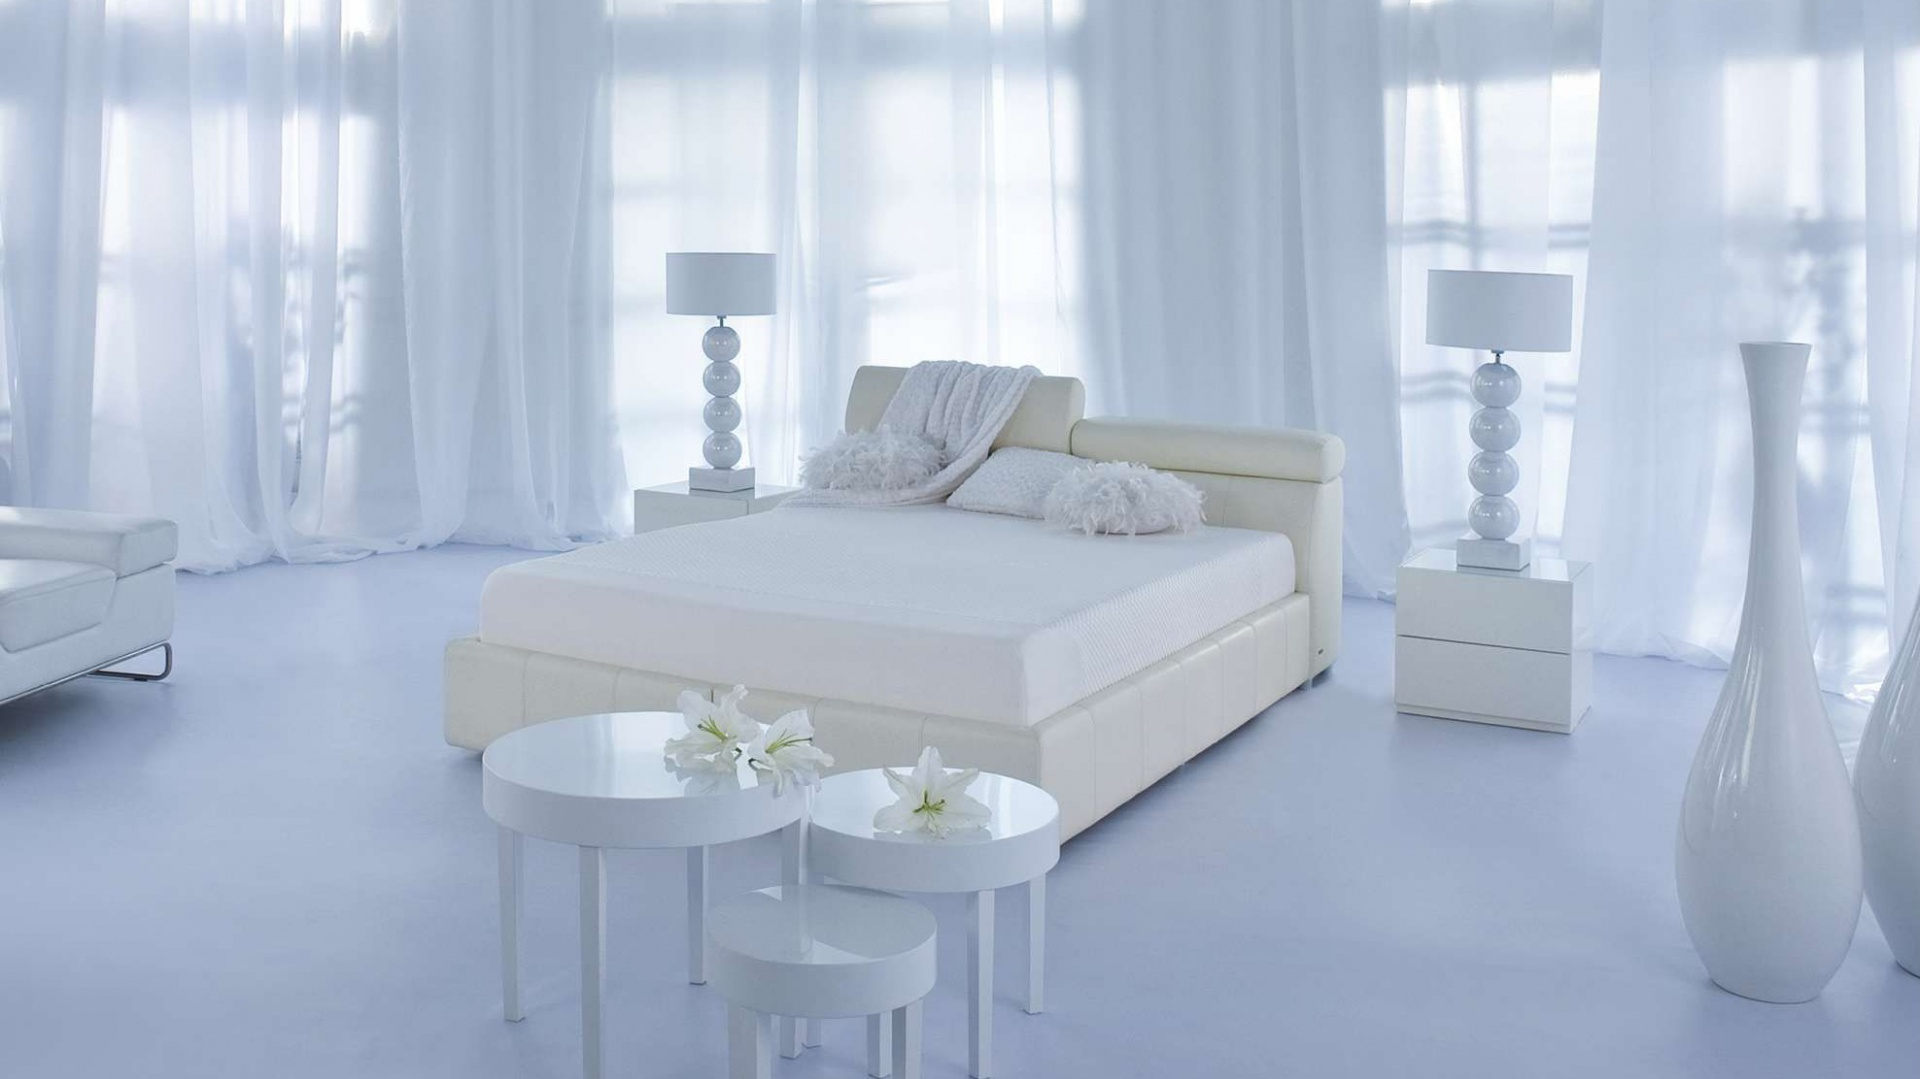 Łóżko Milonga marki Kler to elegancki mebel w skórzanej oprawie, który nada każdej sypialni stylu i charakteru. Ciekawym elementem łóżka jest regulowany zagłówek. Fot. Kler.